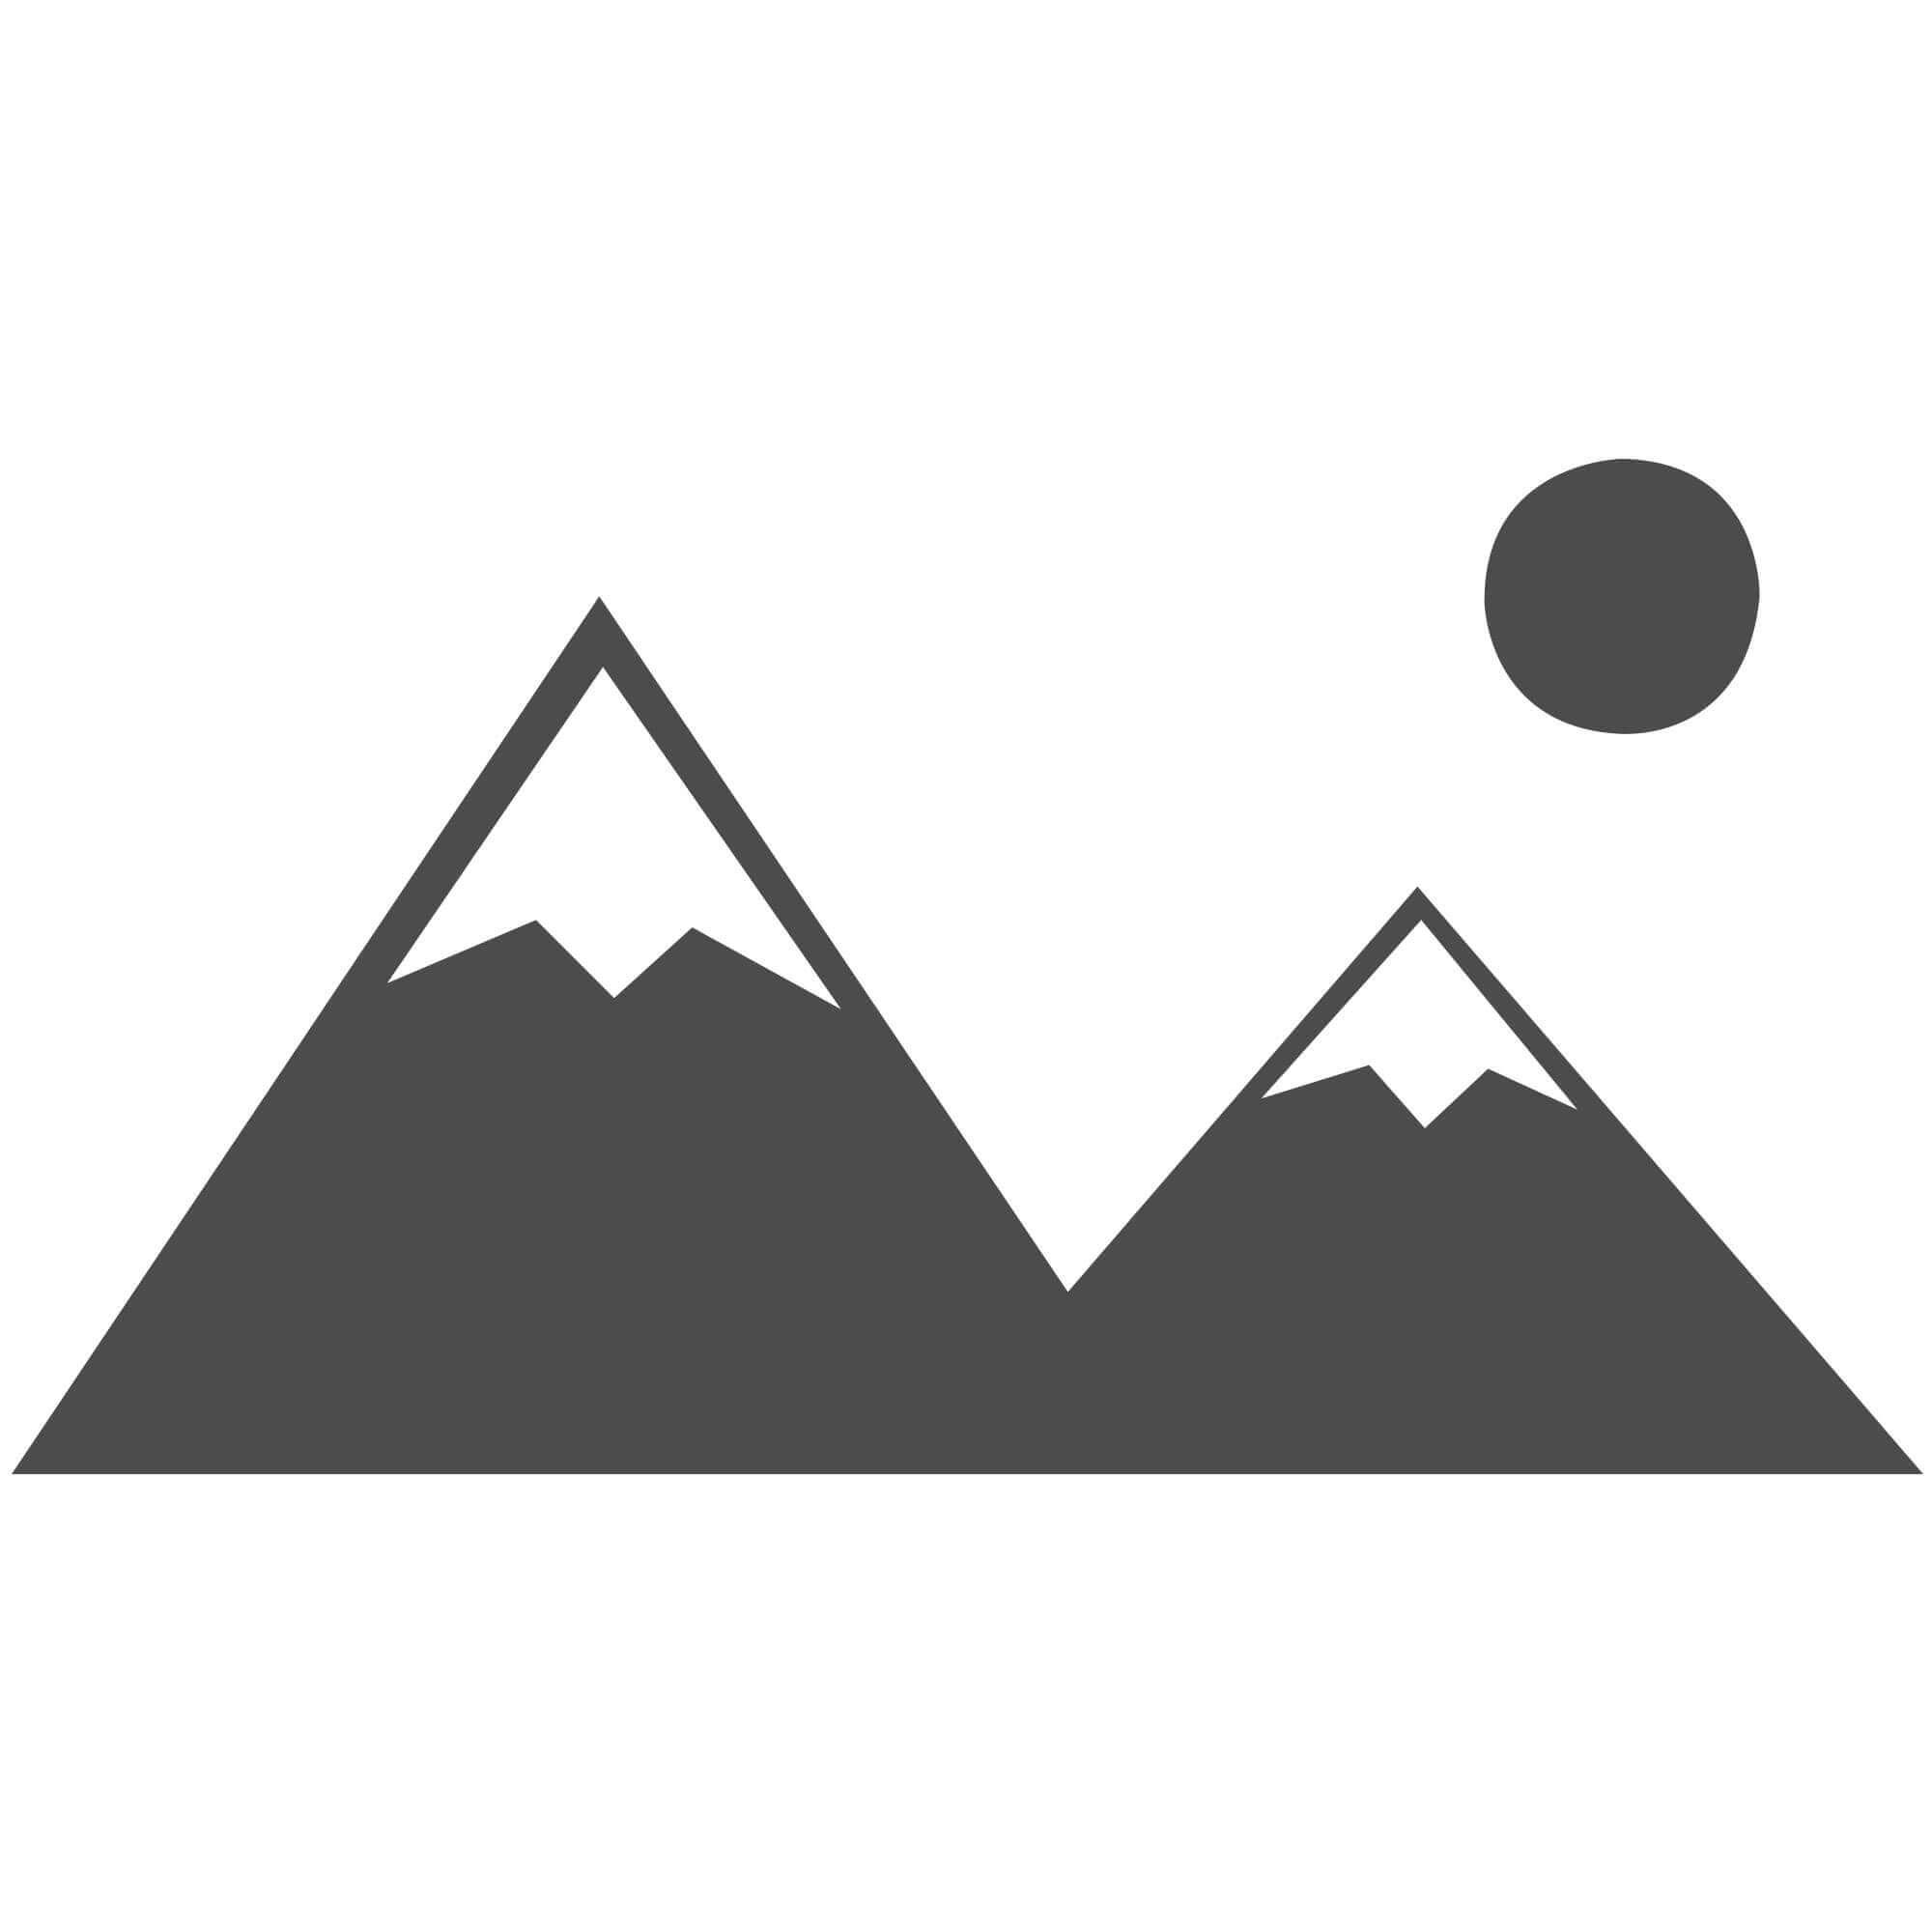 26oz Ball Peen Hammer (BH-61-526)